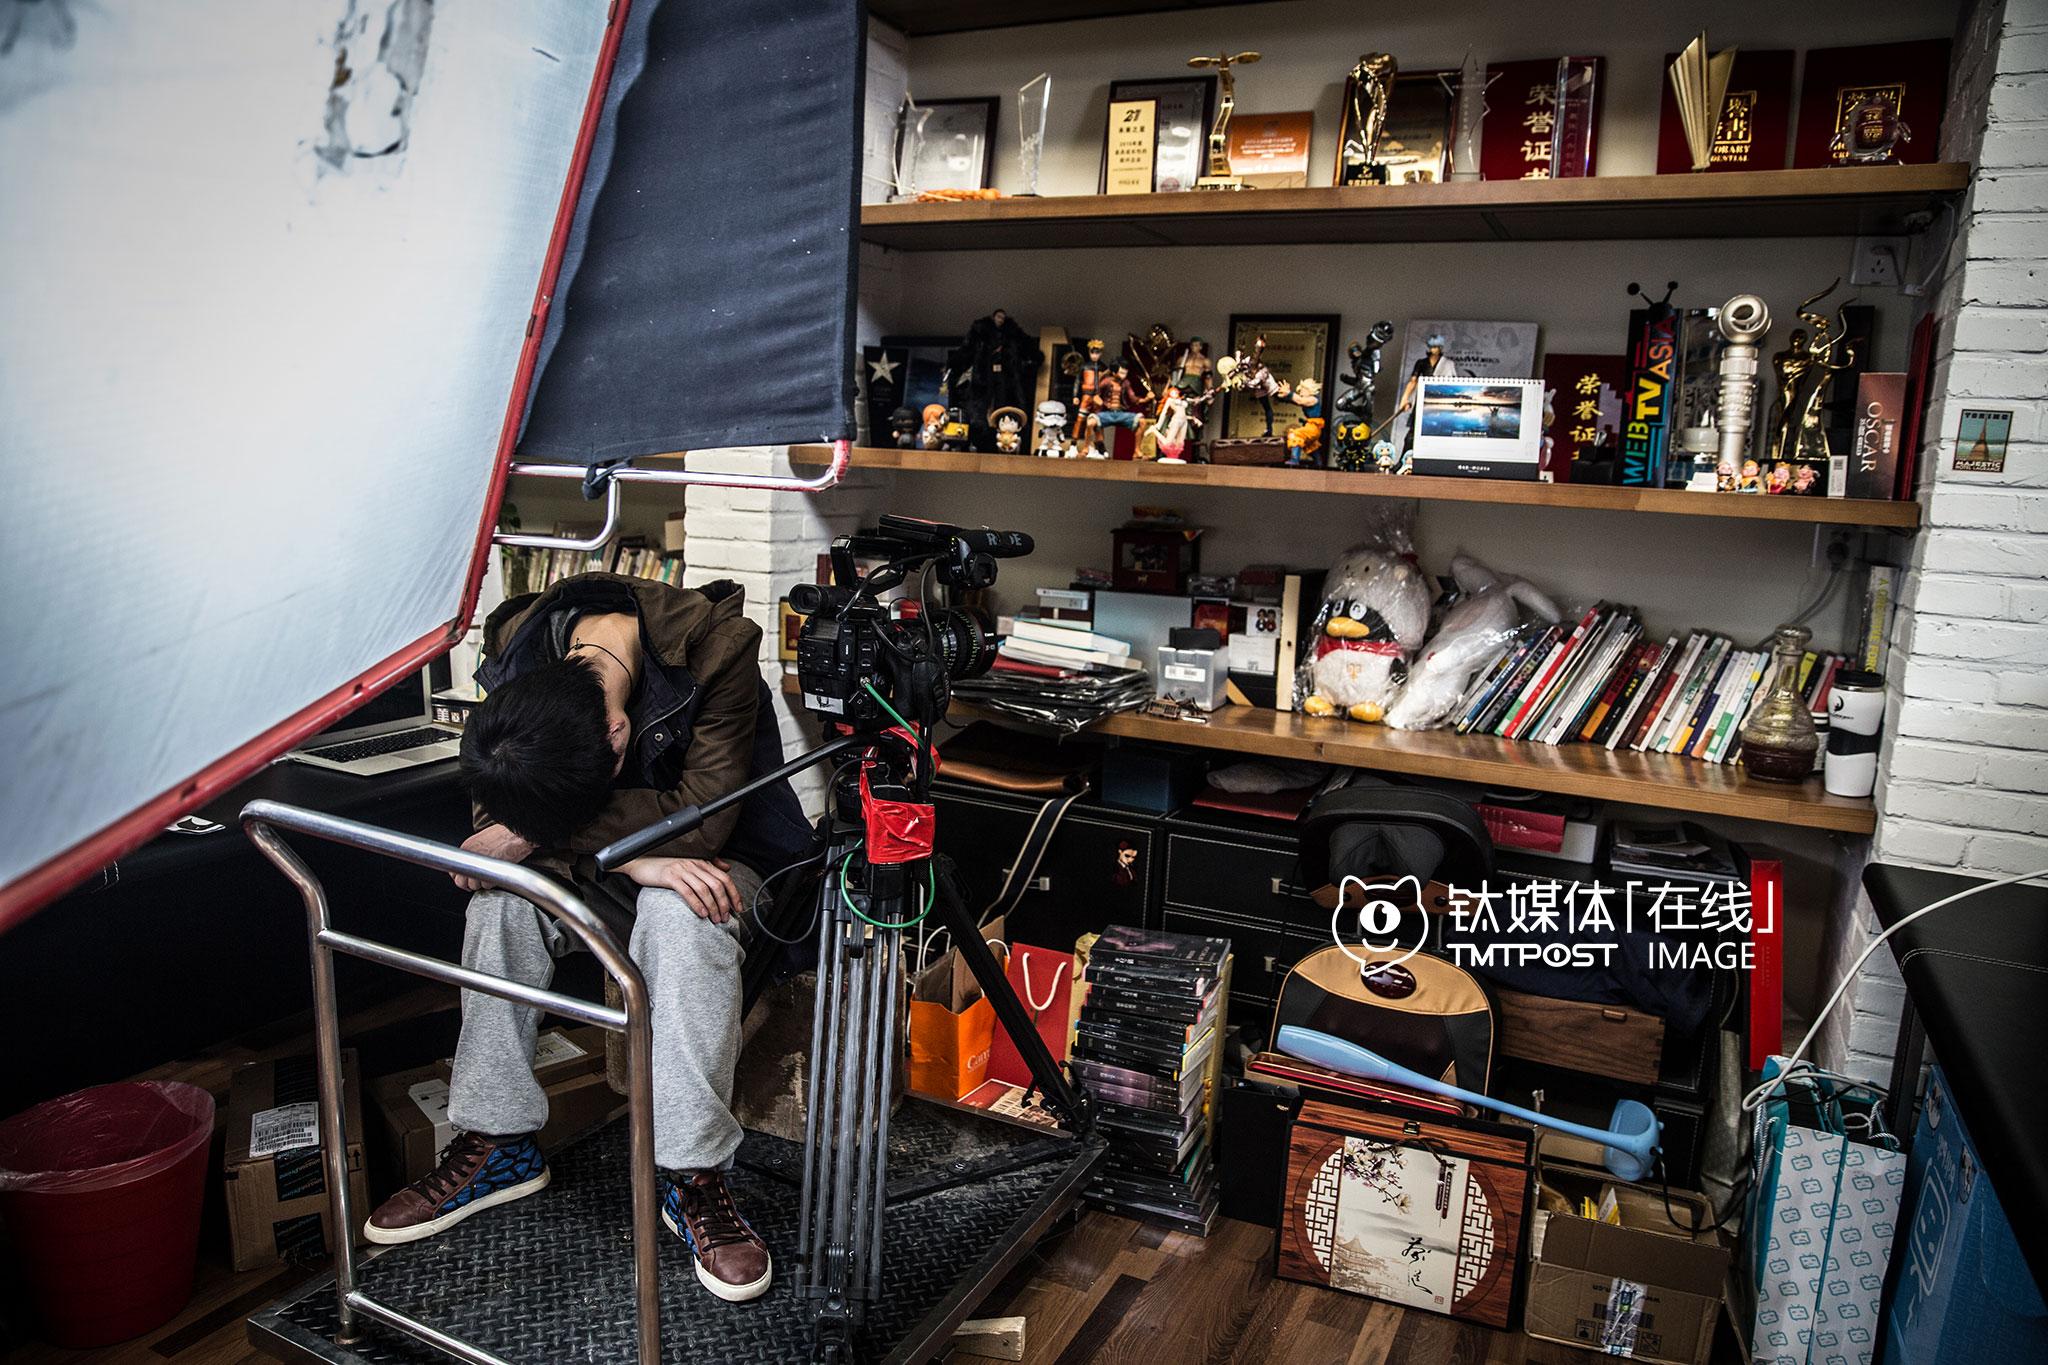 叫兽易小星的办公桌前,一名剧组成员抓住短暂午休时间在休息,书柜上摆满了各种奖项和玩偶。